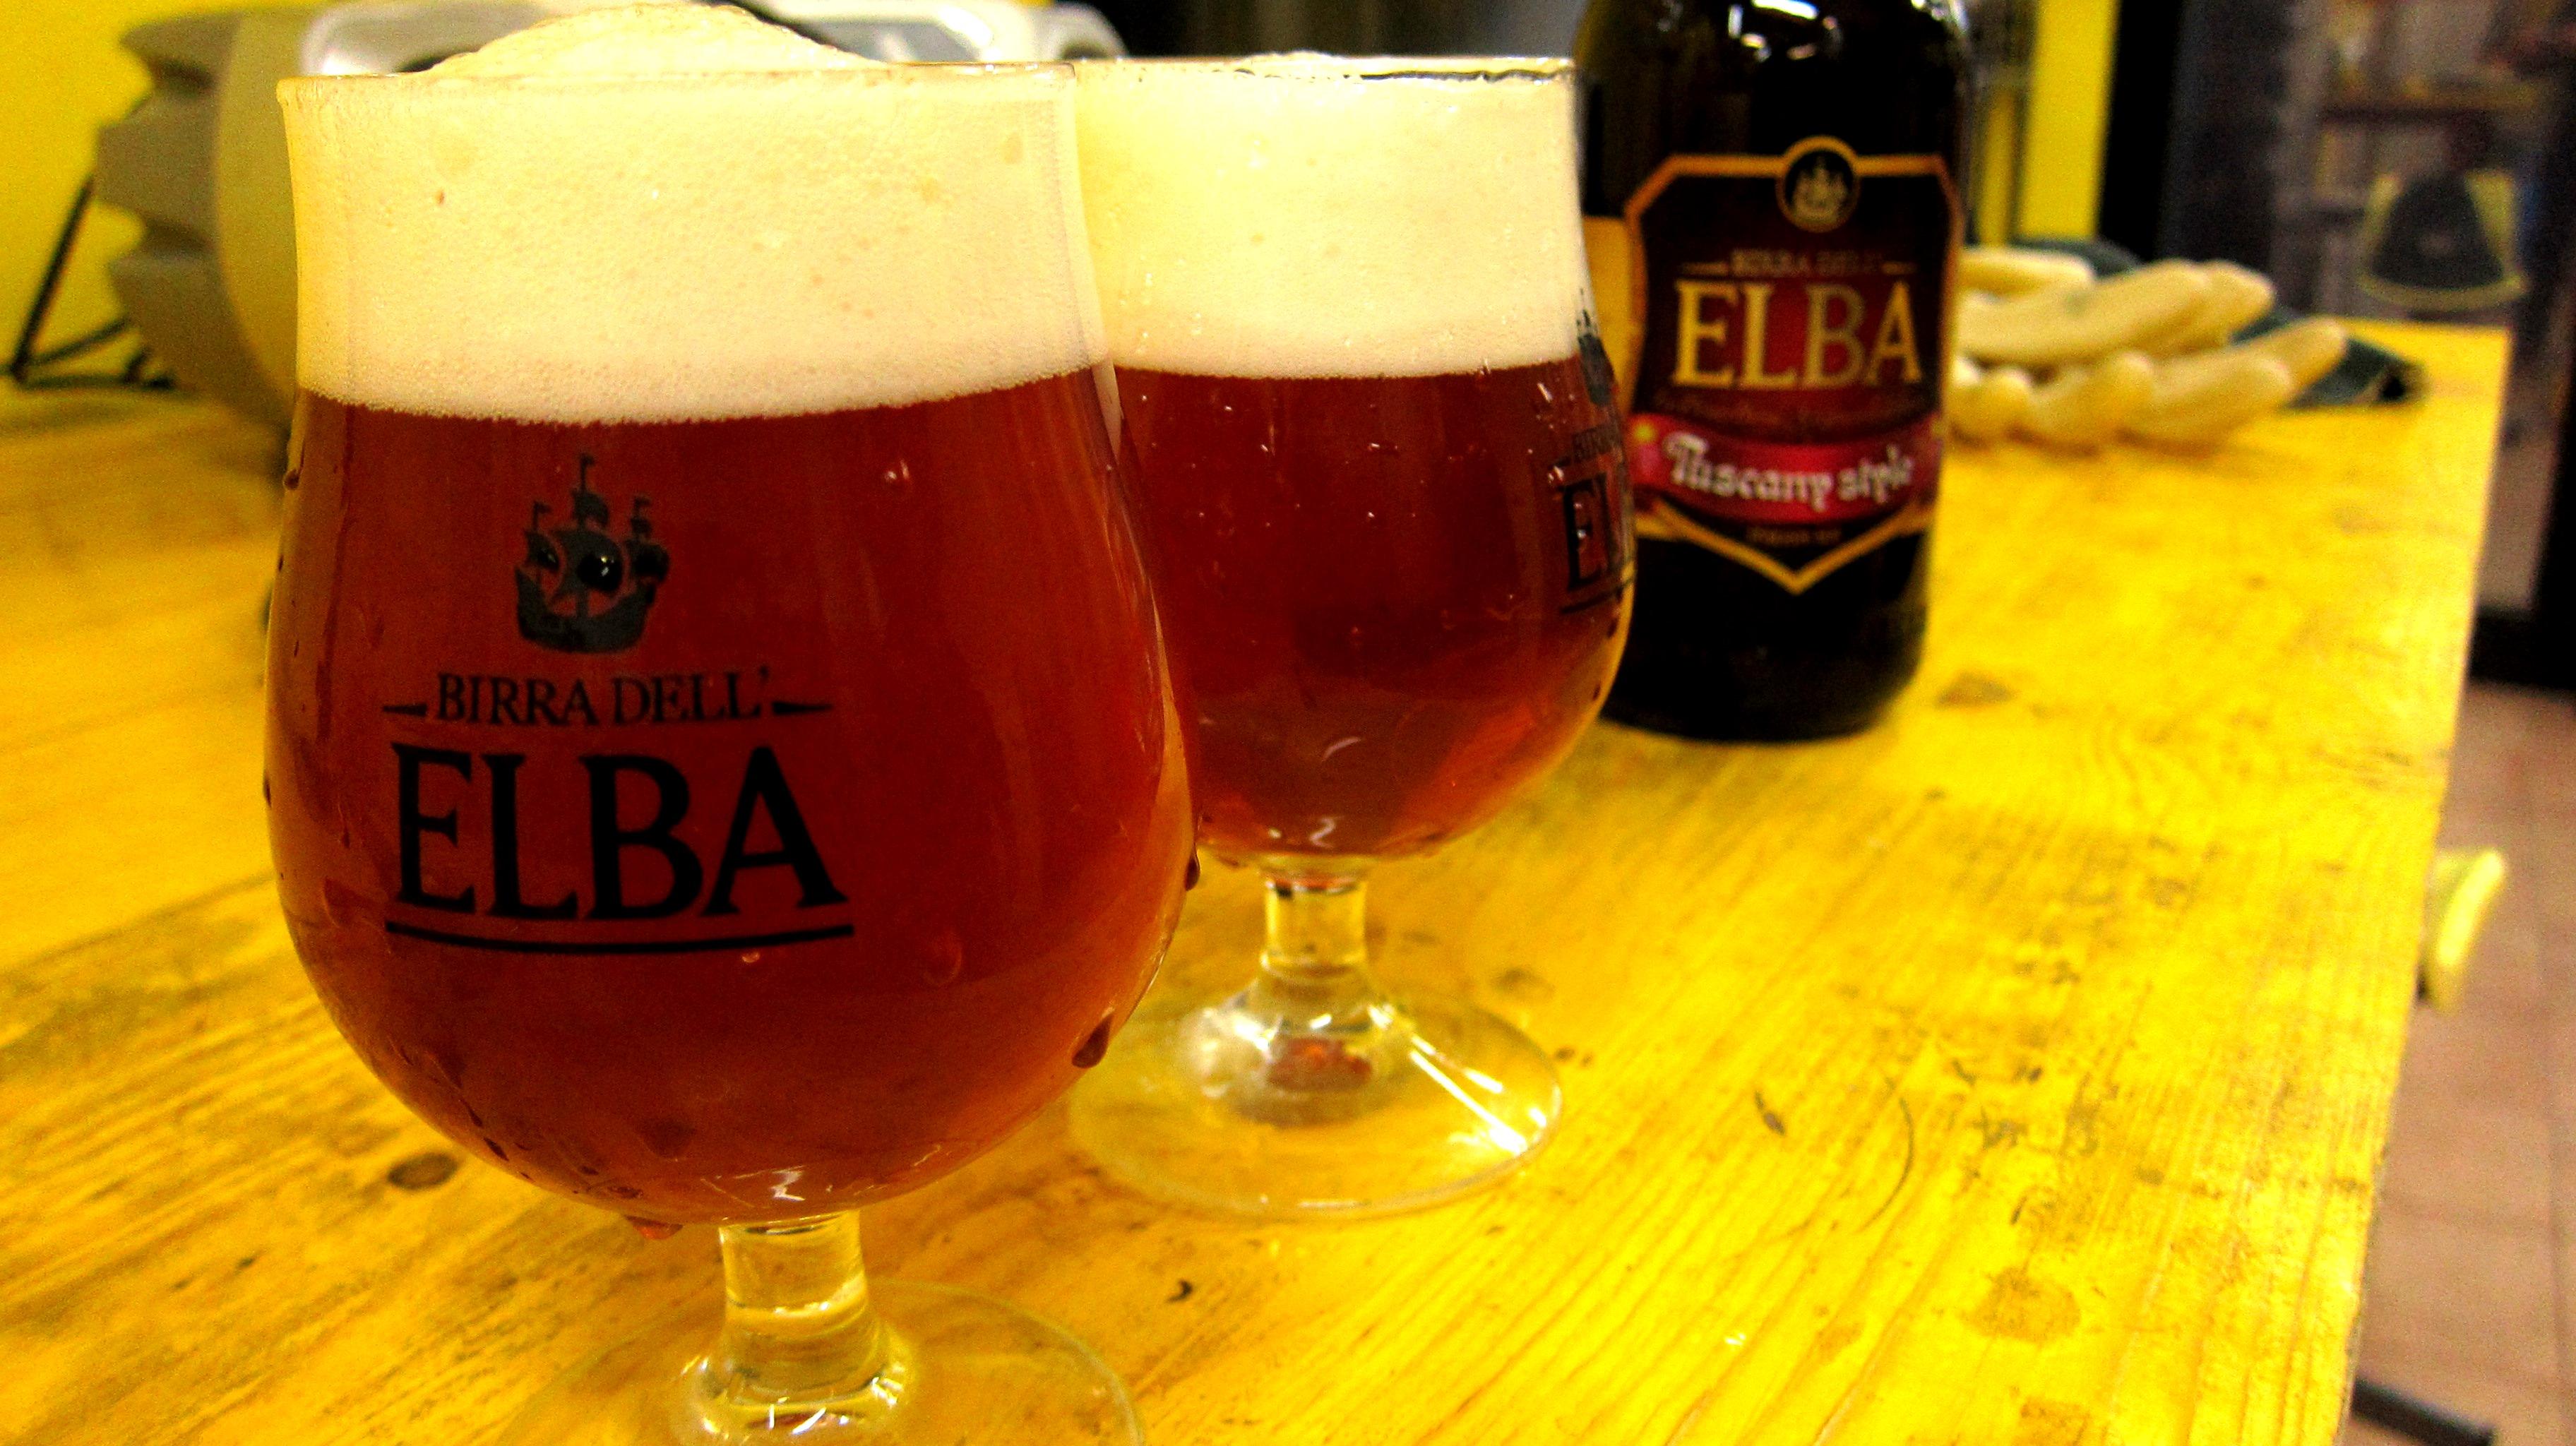 elba_beer